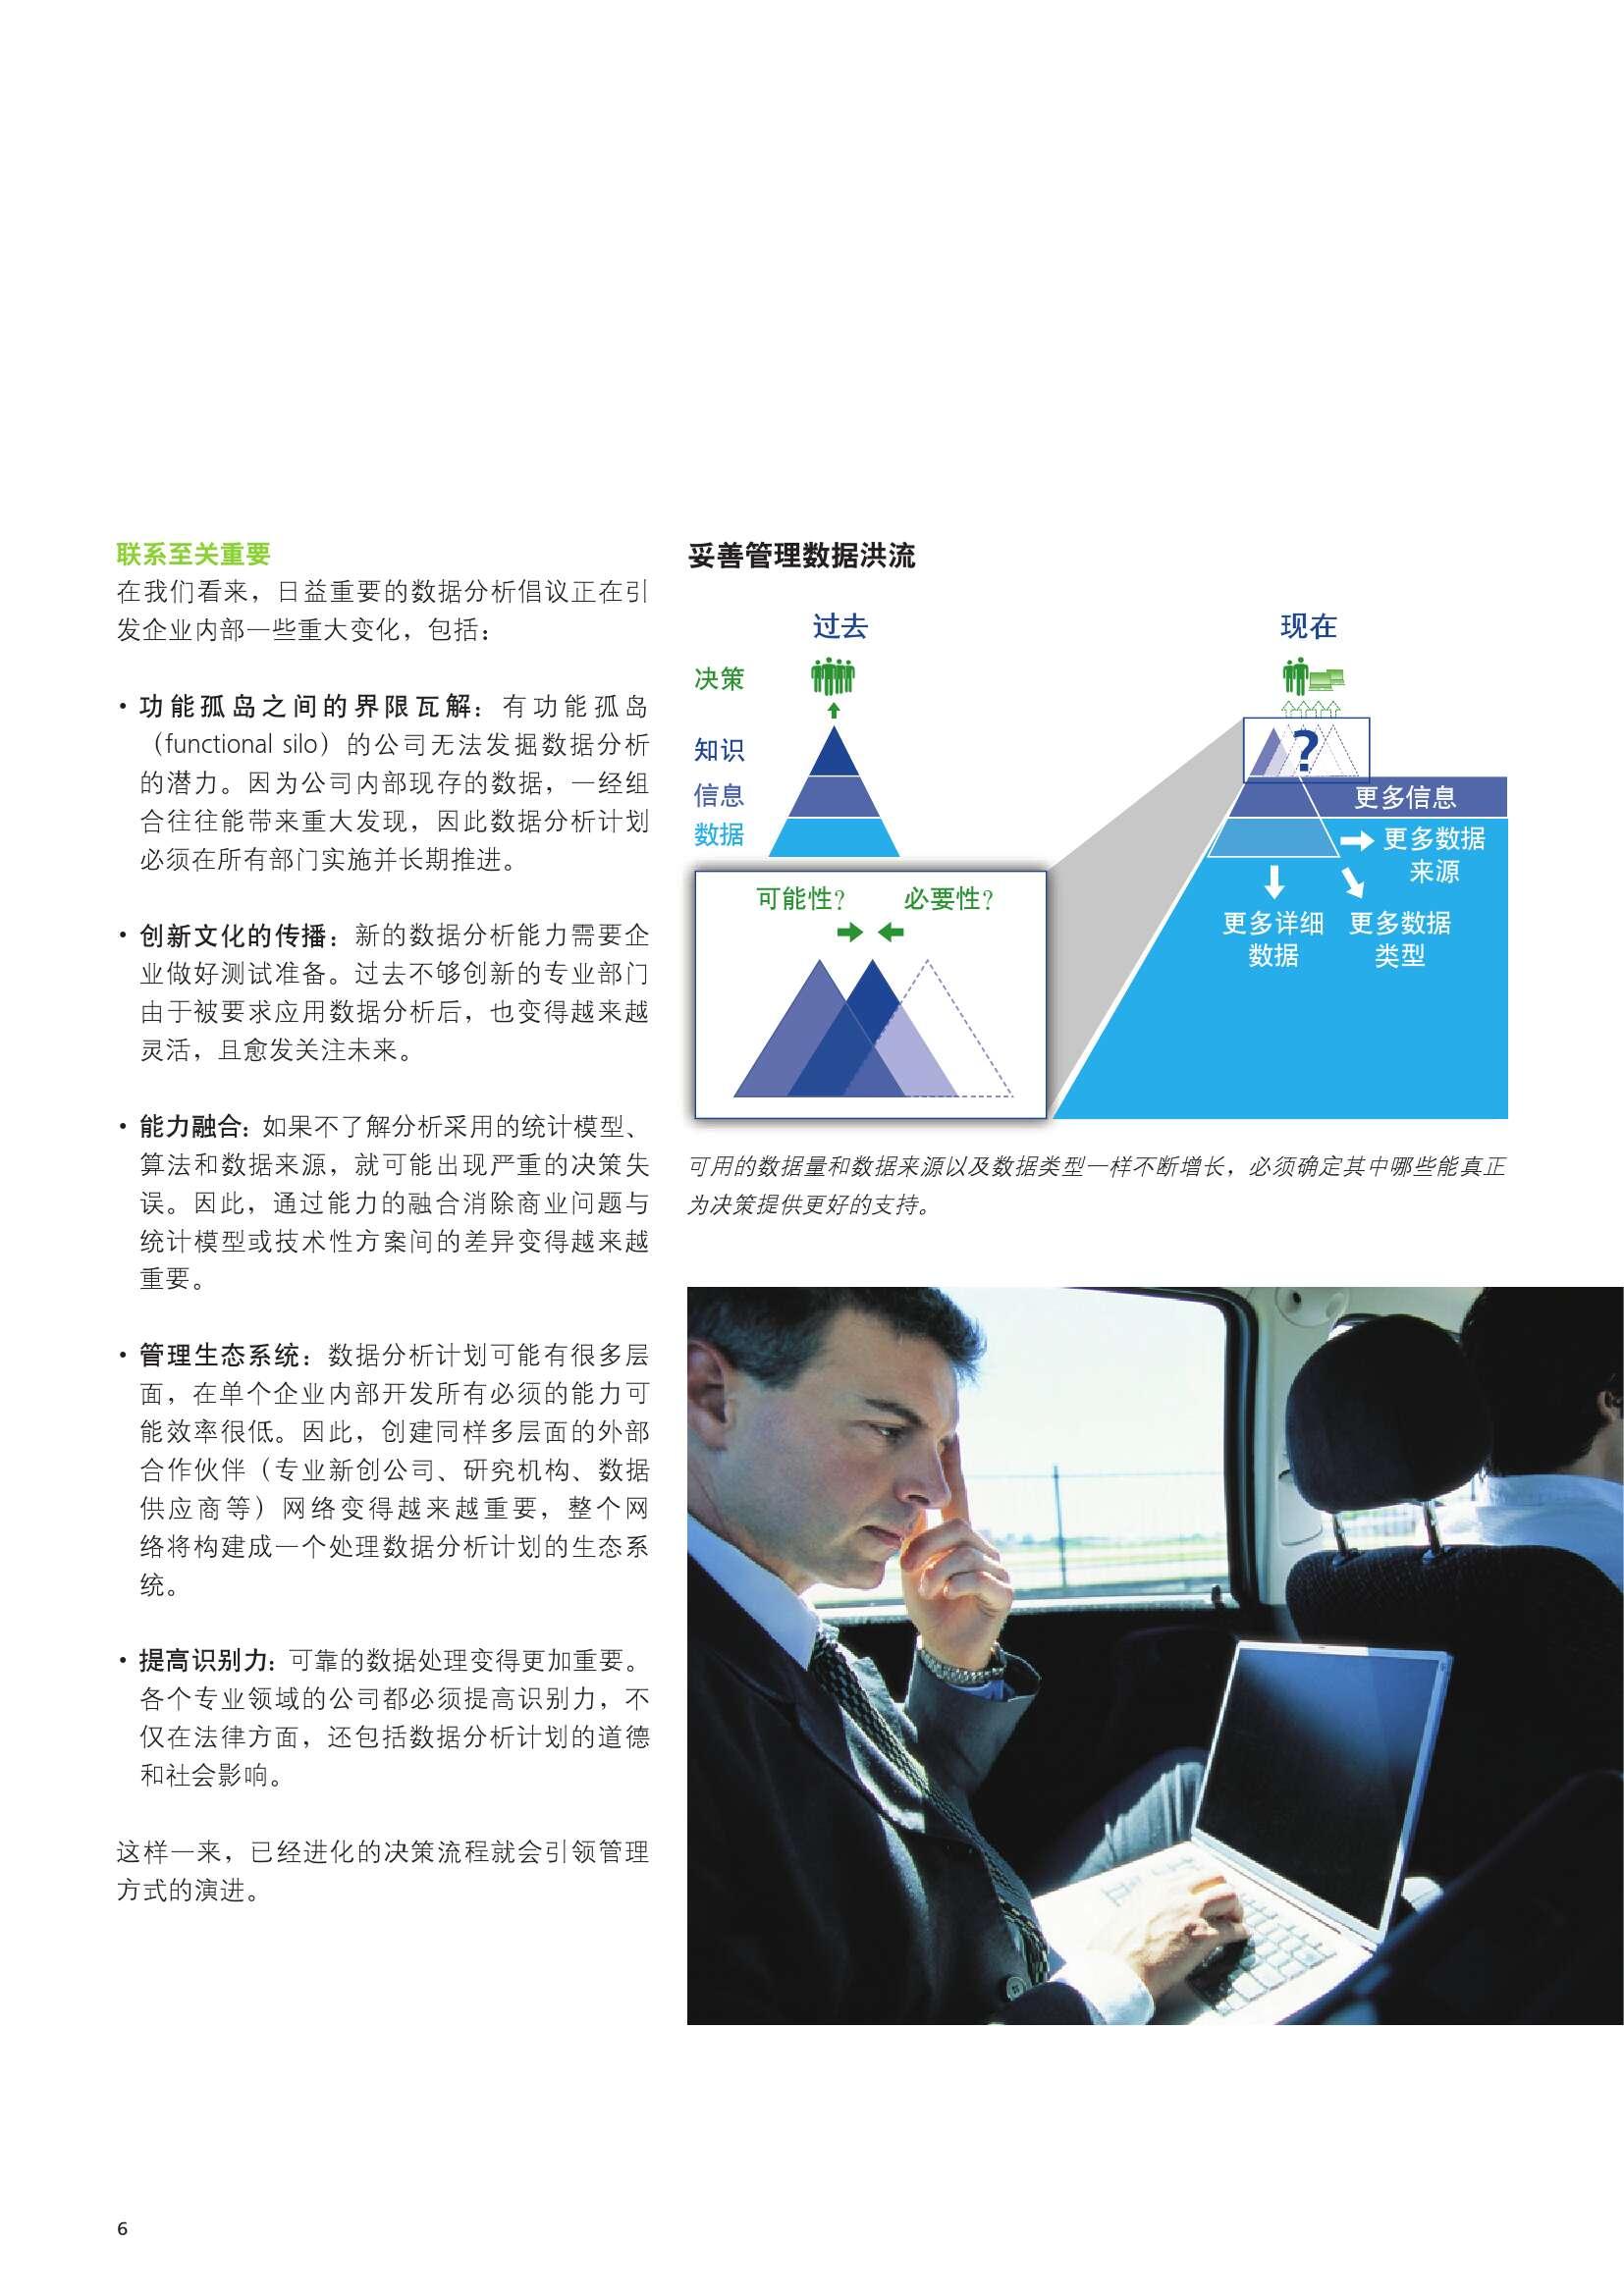 汽车行业的大数据与分析_000008